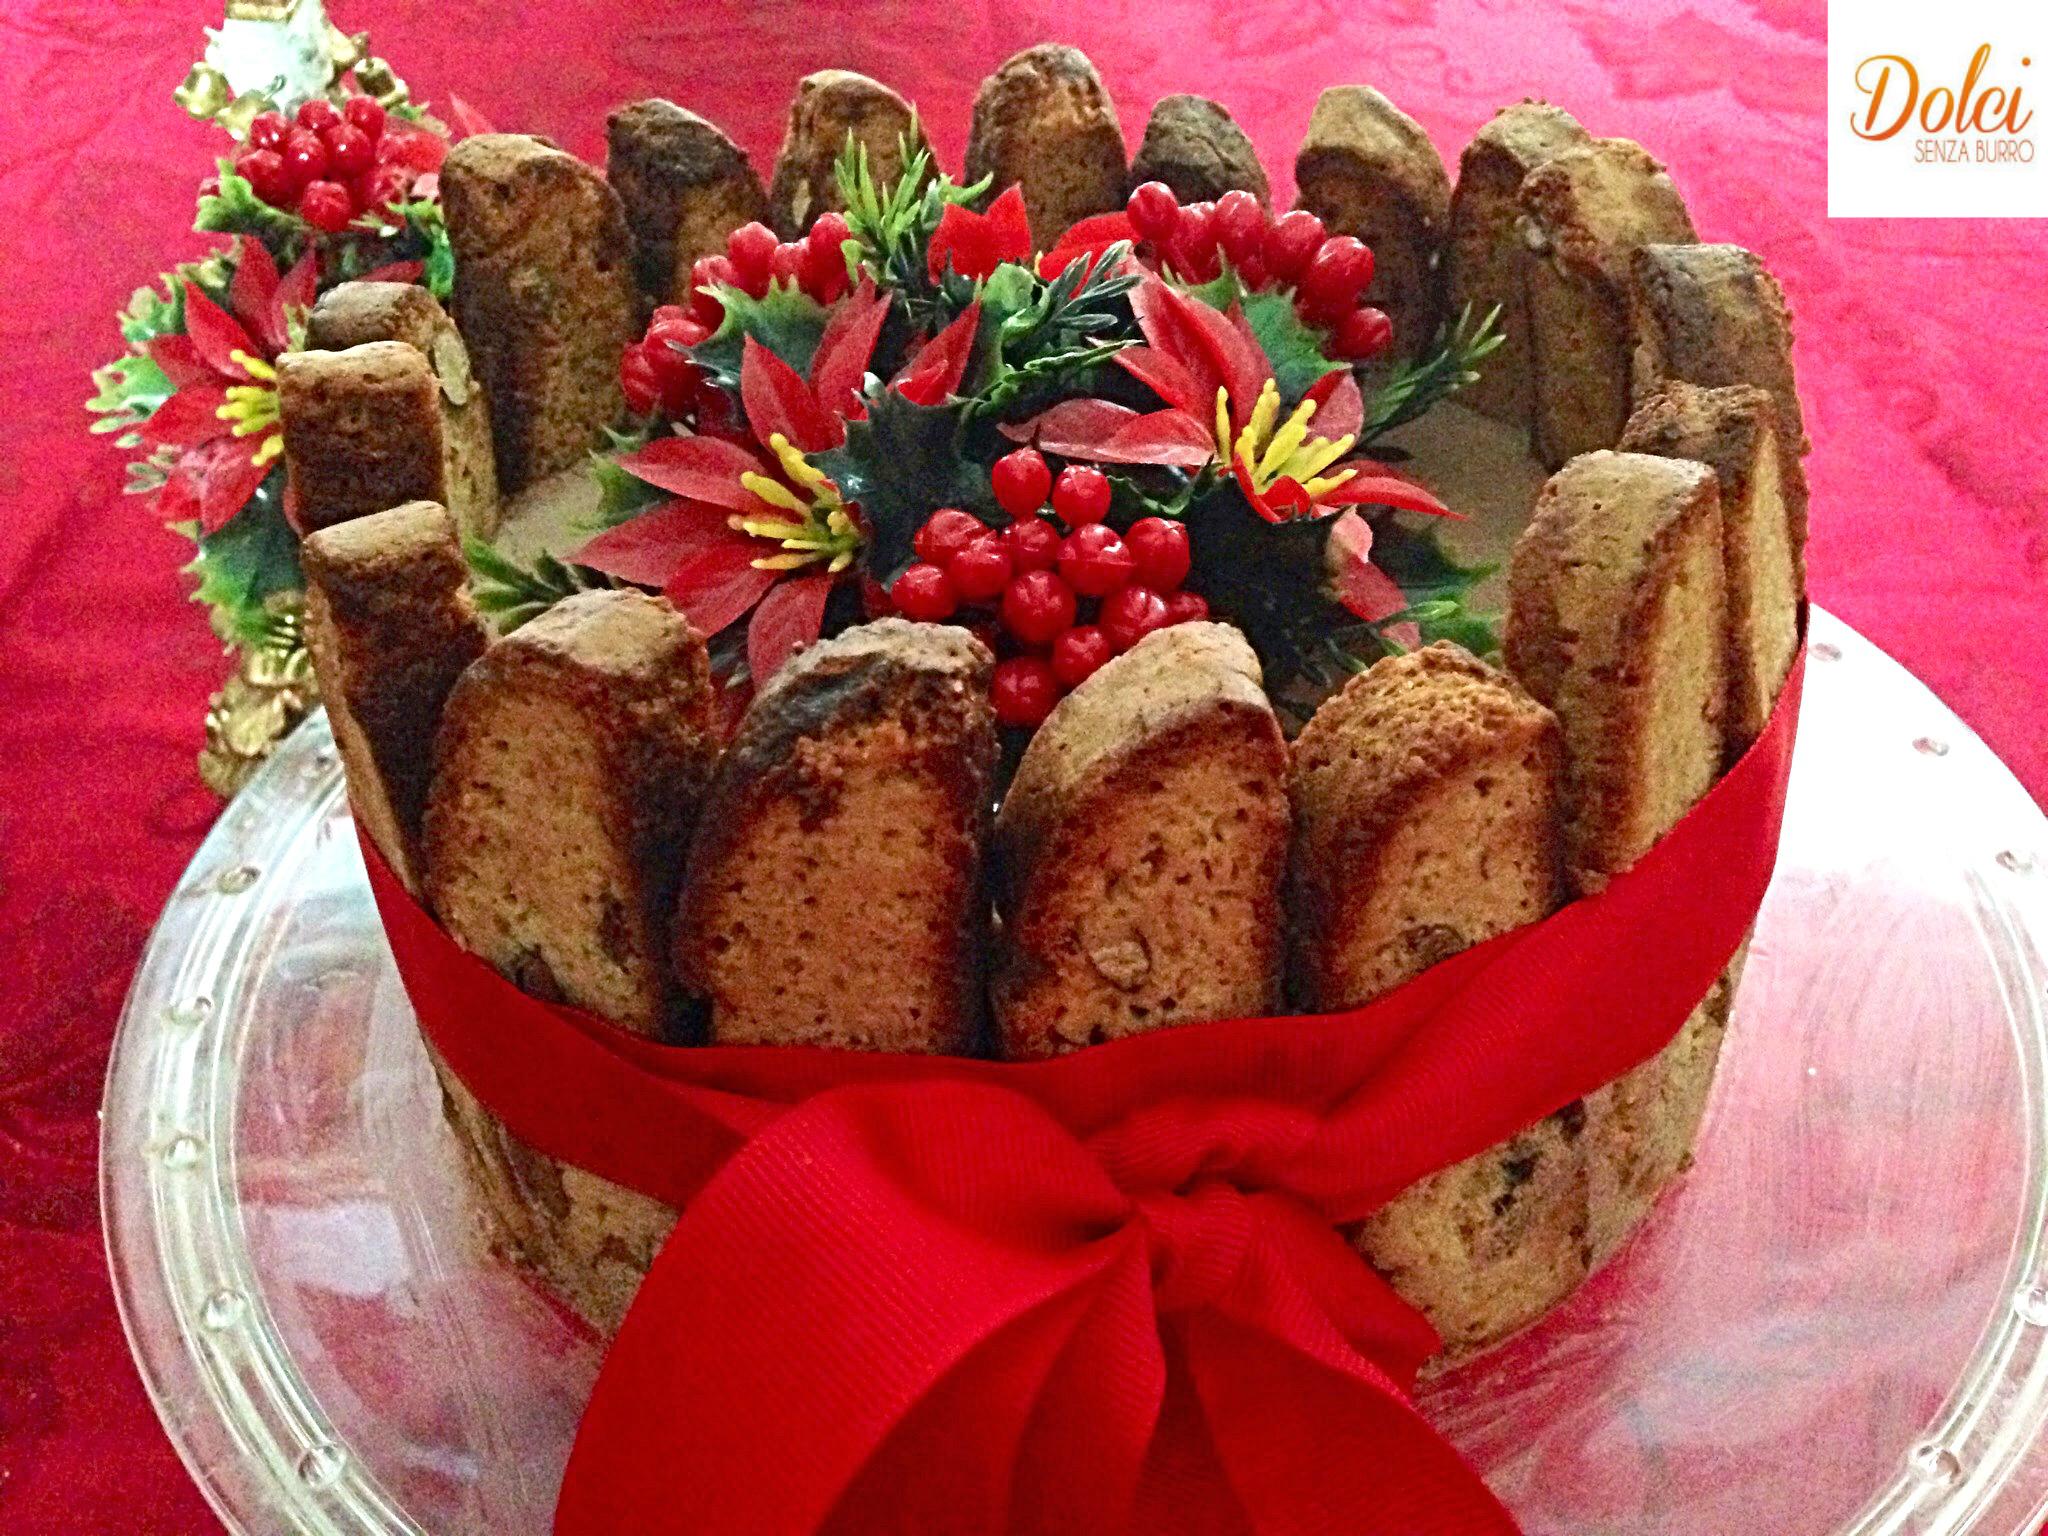 Charlotte Dolce Cantucci e Malvasia, il dolce di natale goloso di dolci senza burro